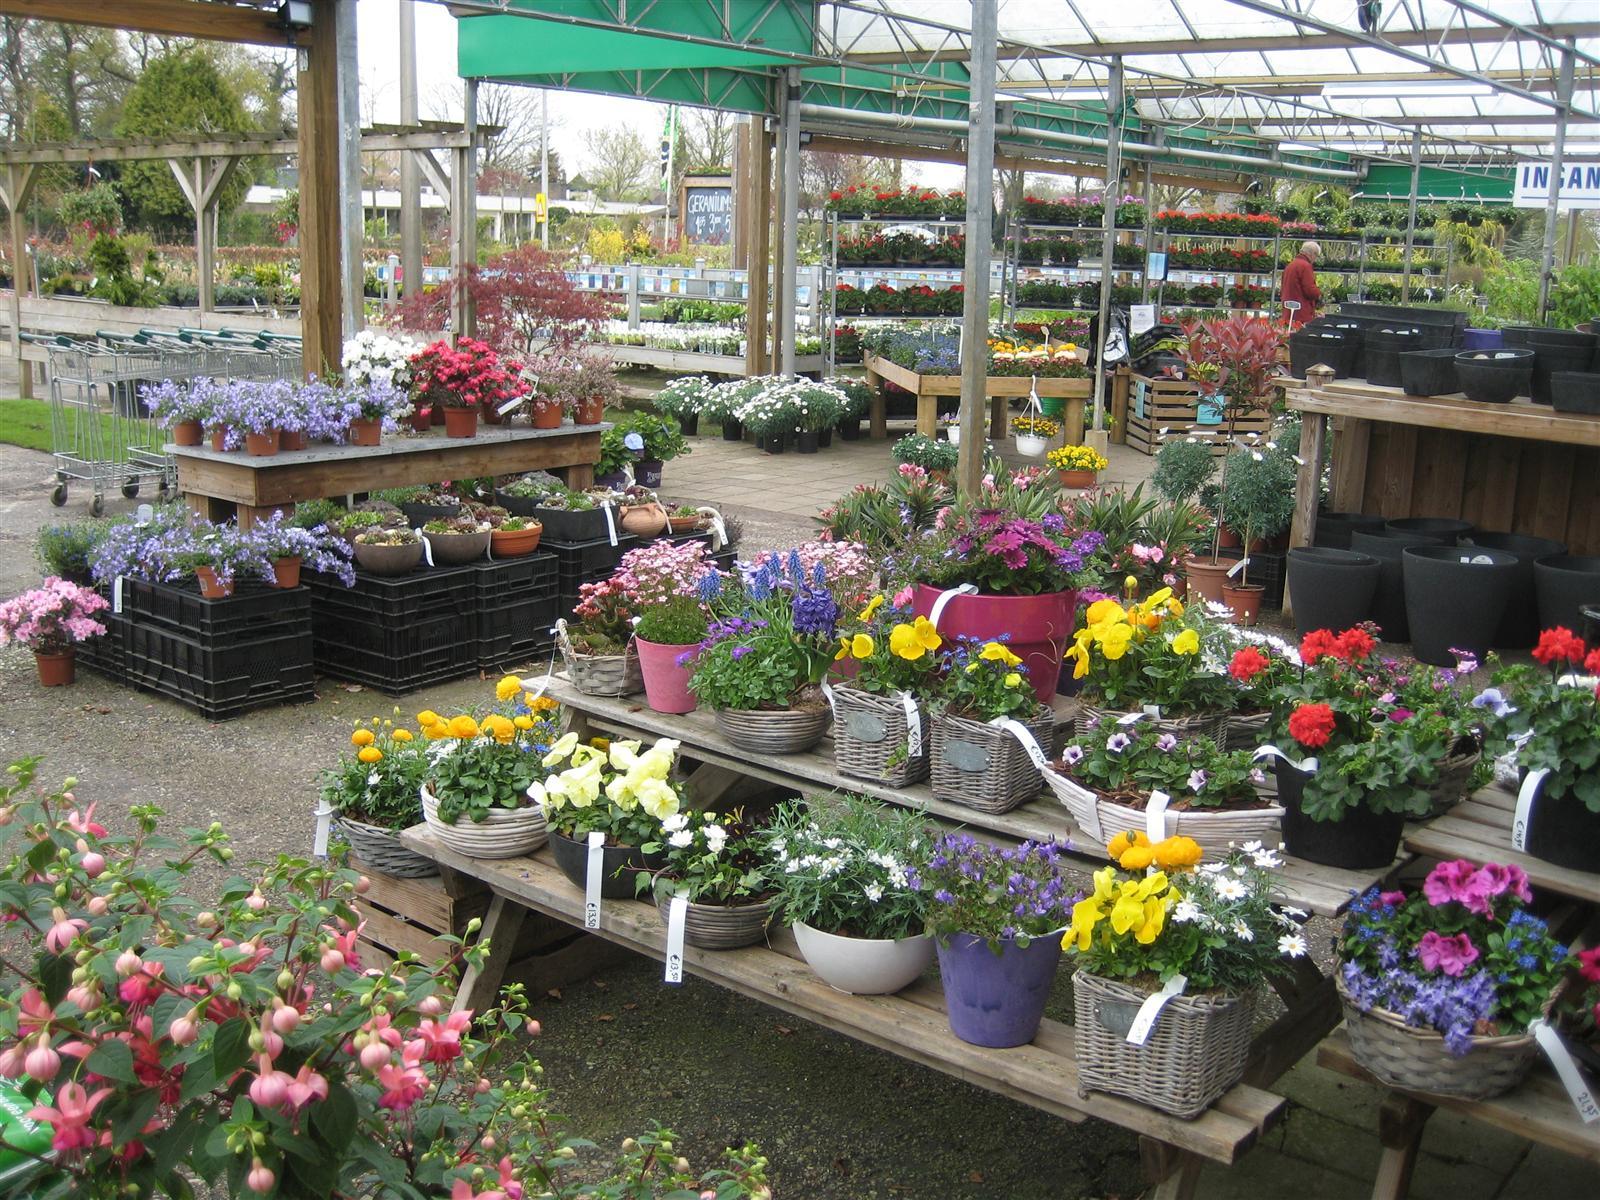 tuincentrum tuincentrum odink is weer klaar voor een fleurige zomer